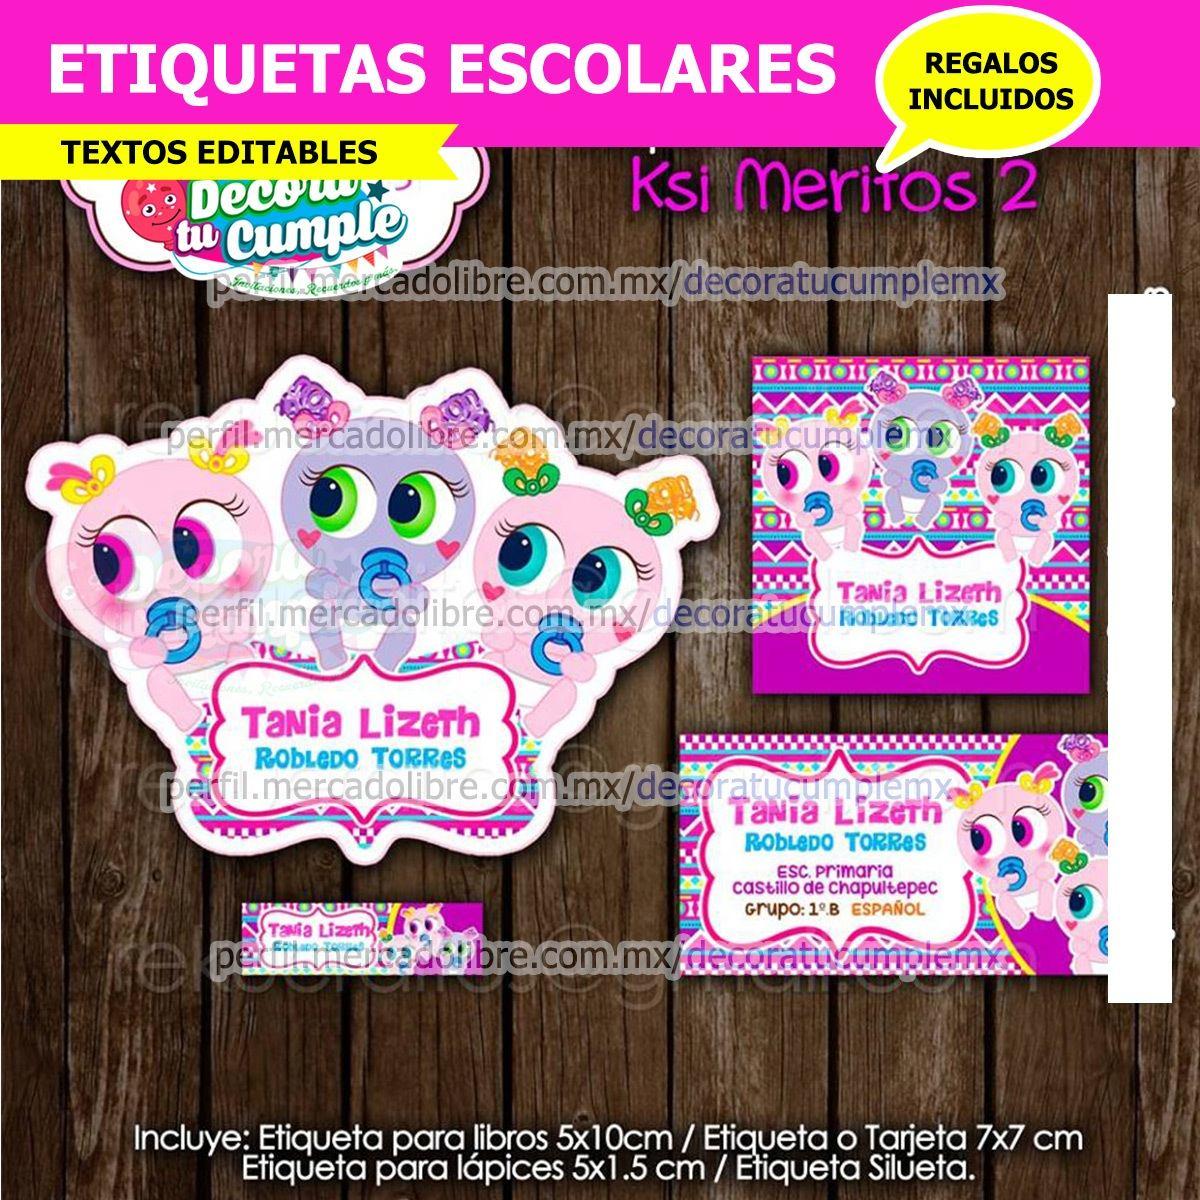 etiquetas escolares kasimeritos 2 ksi meritos h249